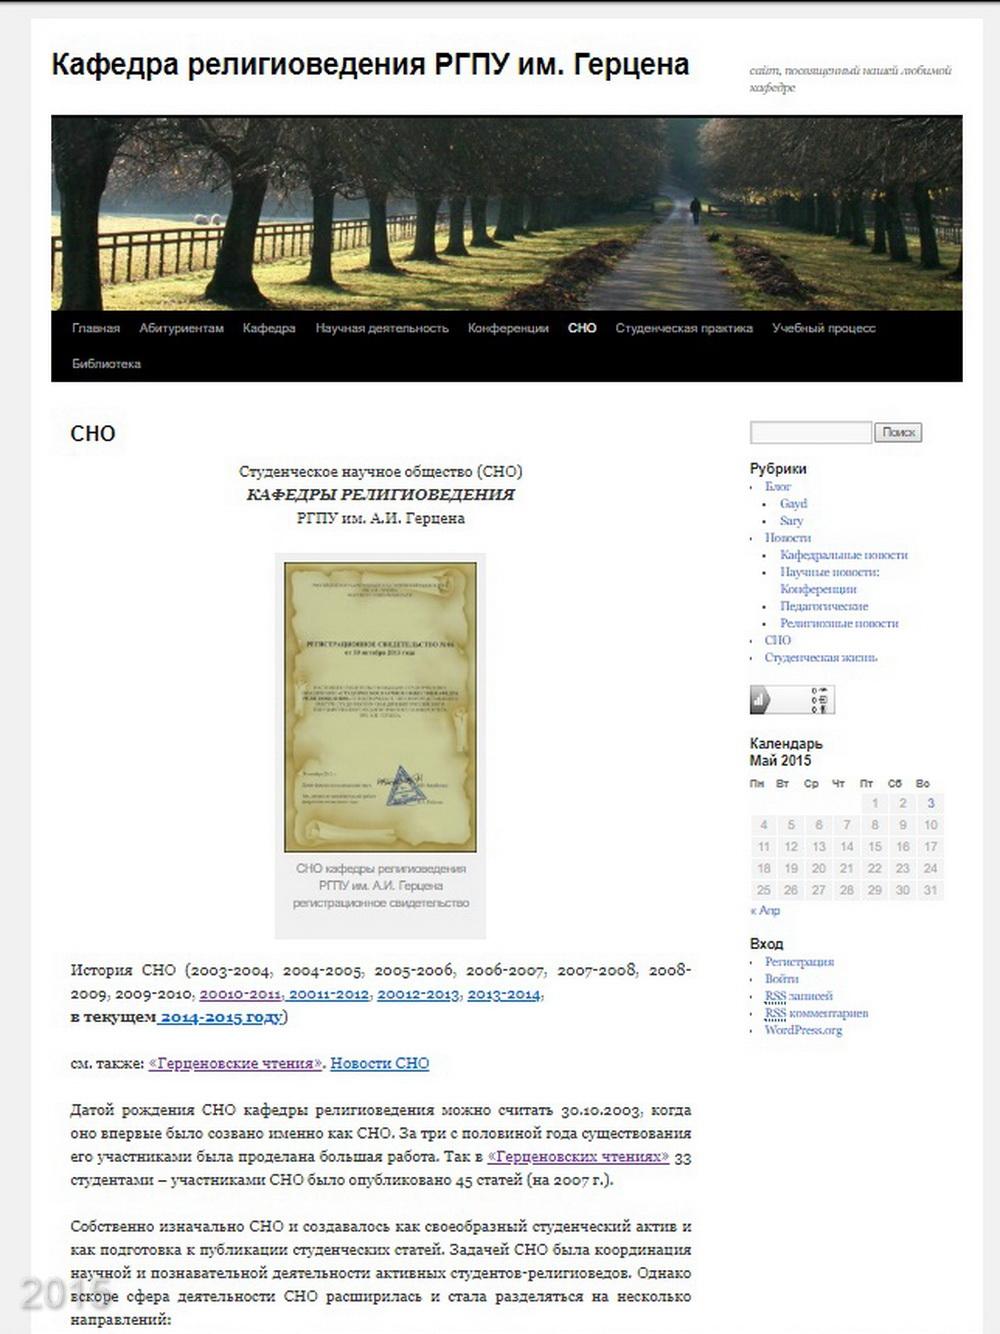 Страница СНО. Скрин старого сайта кафедрытрелигиоведения (2015 г)